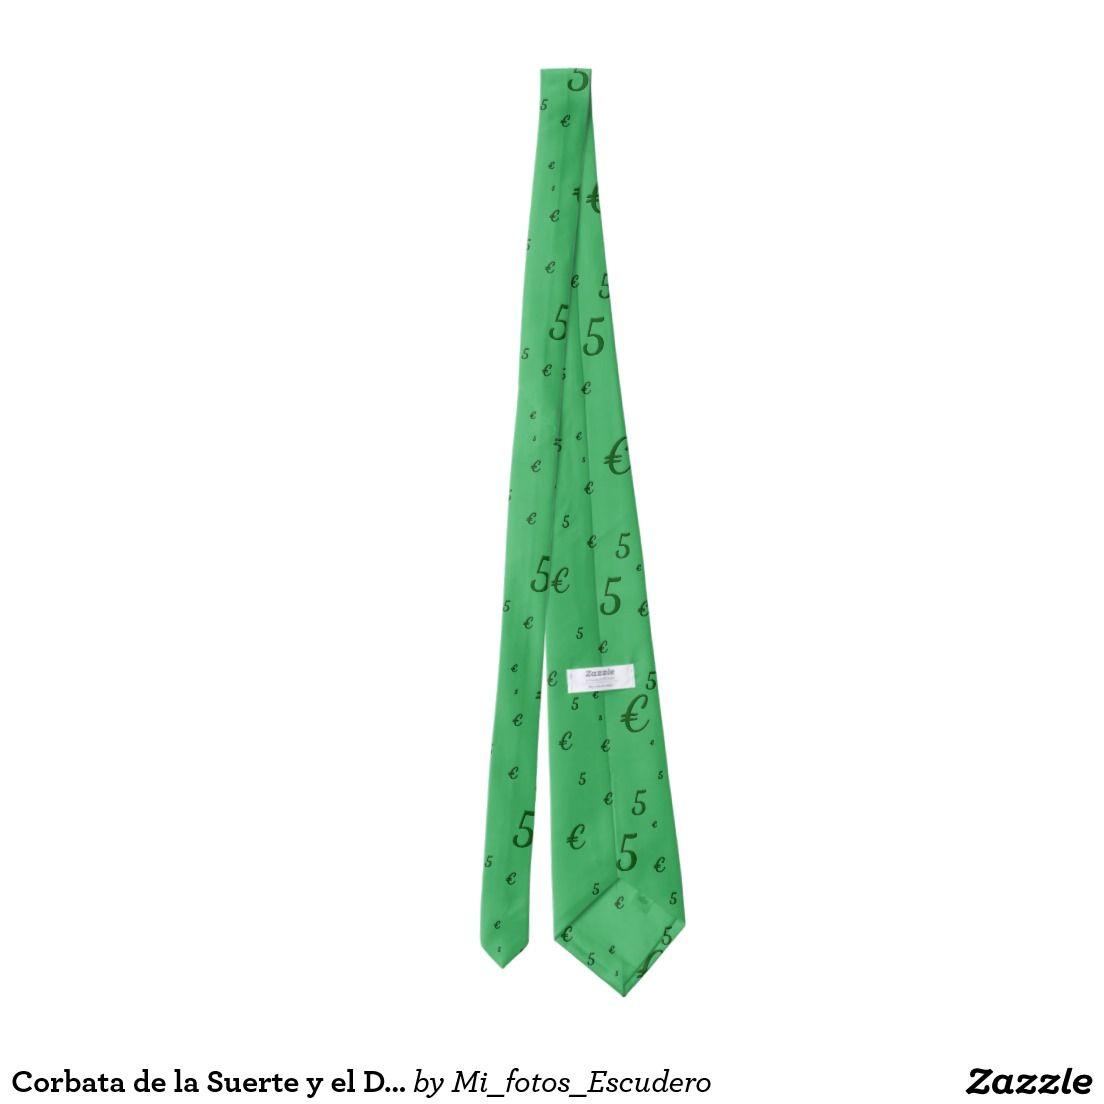 Corbata de la Suerte y el Dinero 5 euros | mis corbatas